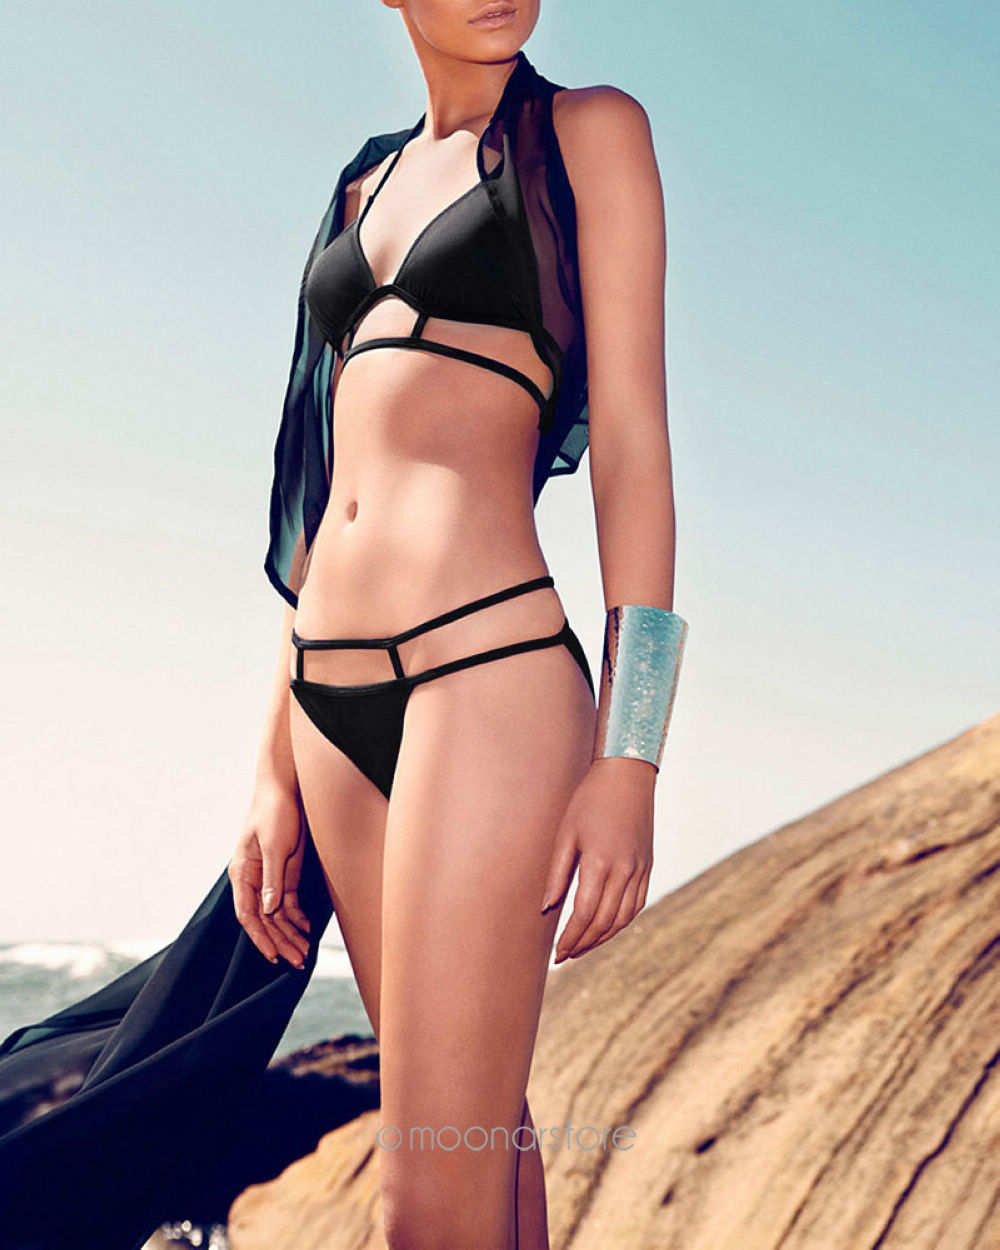 2 Pcs Women Hot Sexy Swimsuit Swimwear Bathing Push Up Padded Bra Bikini 1 Set   eBay